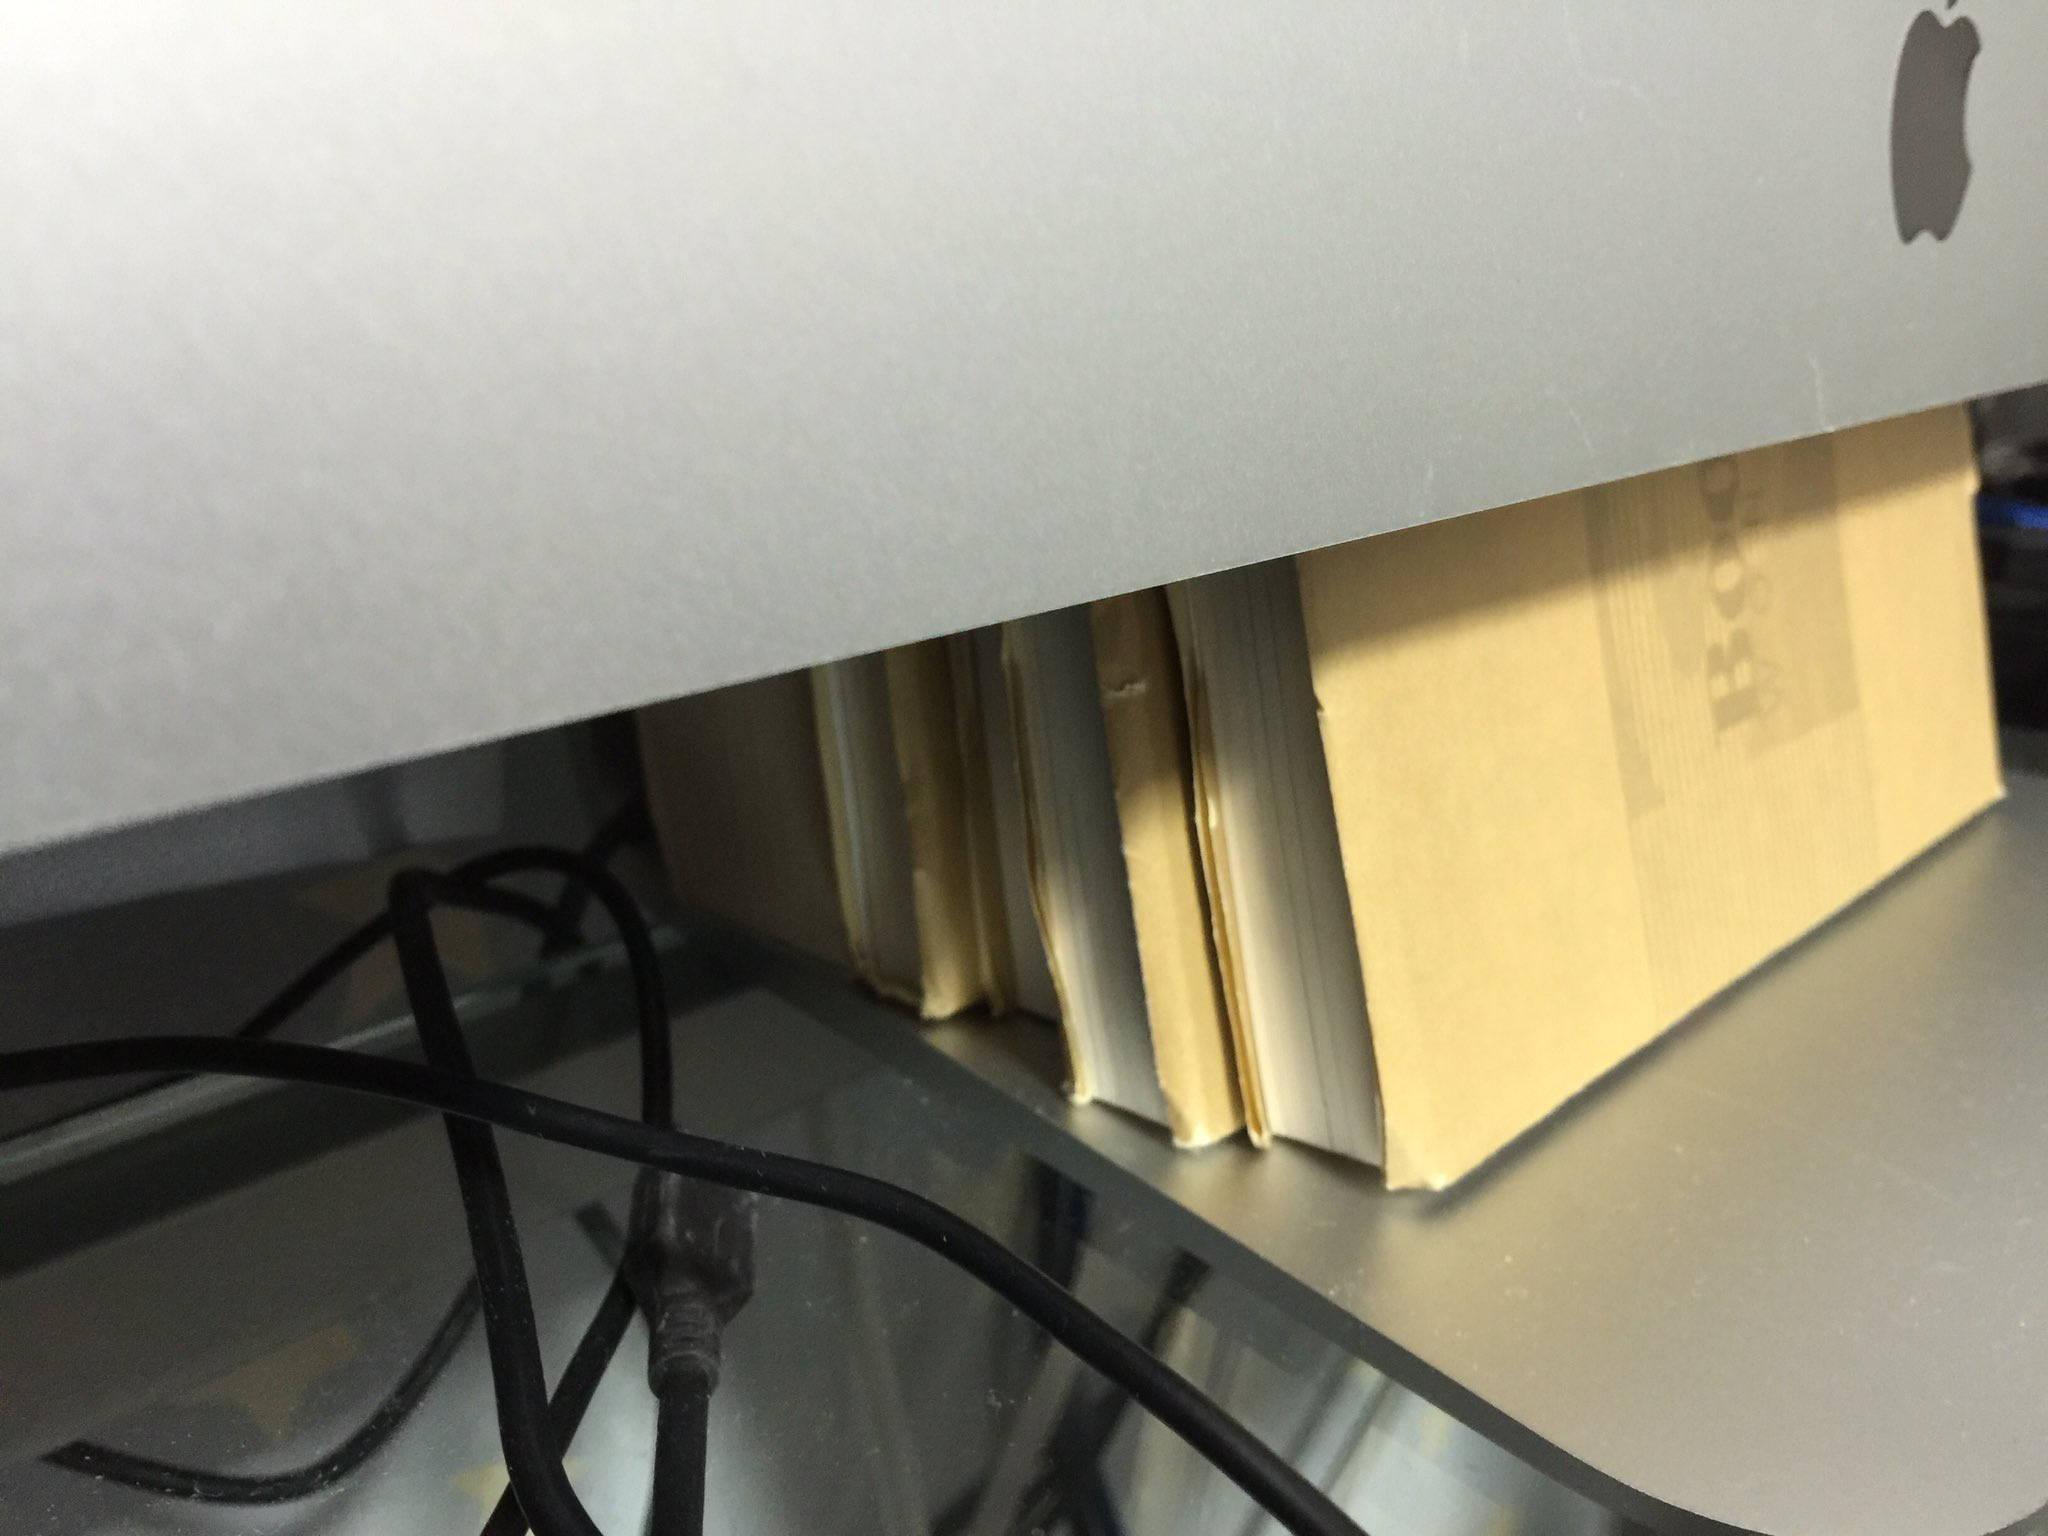 iMac Late 2012で本体左下から異音がする問題は仕様だった!